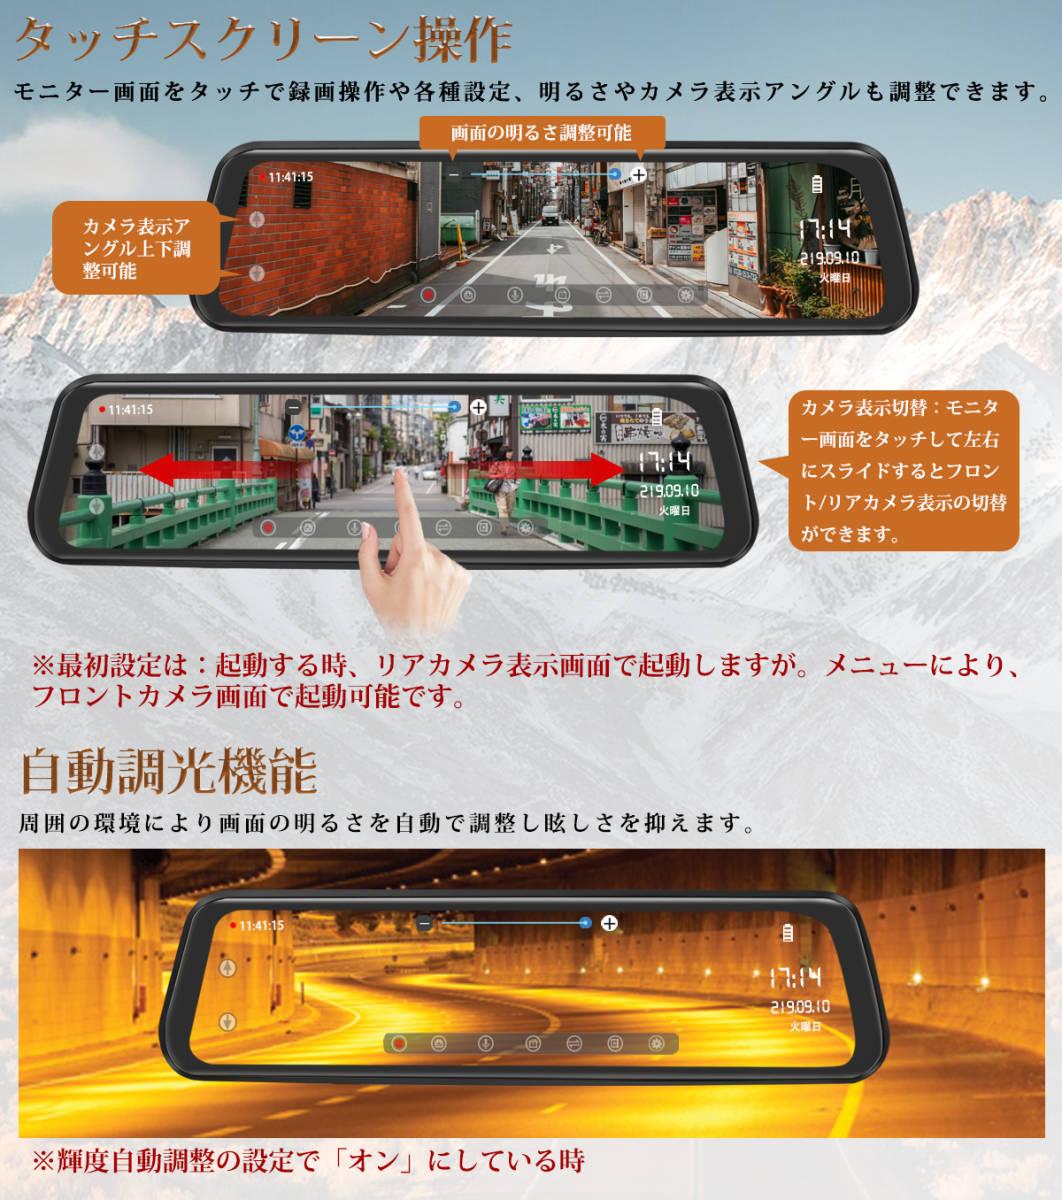 送料無料 前後カメラ 車線逸脱警報 32GB SDカード付 GPS搭載 ドライブレコーダー S06 ミラー型 9.88インチタッチパネル 日本製説明書 新品_画像5